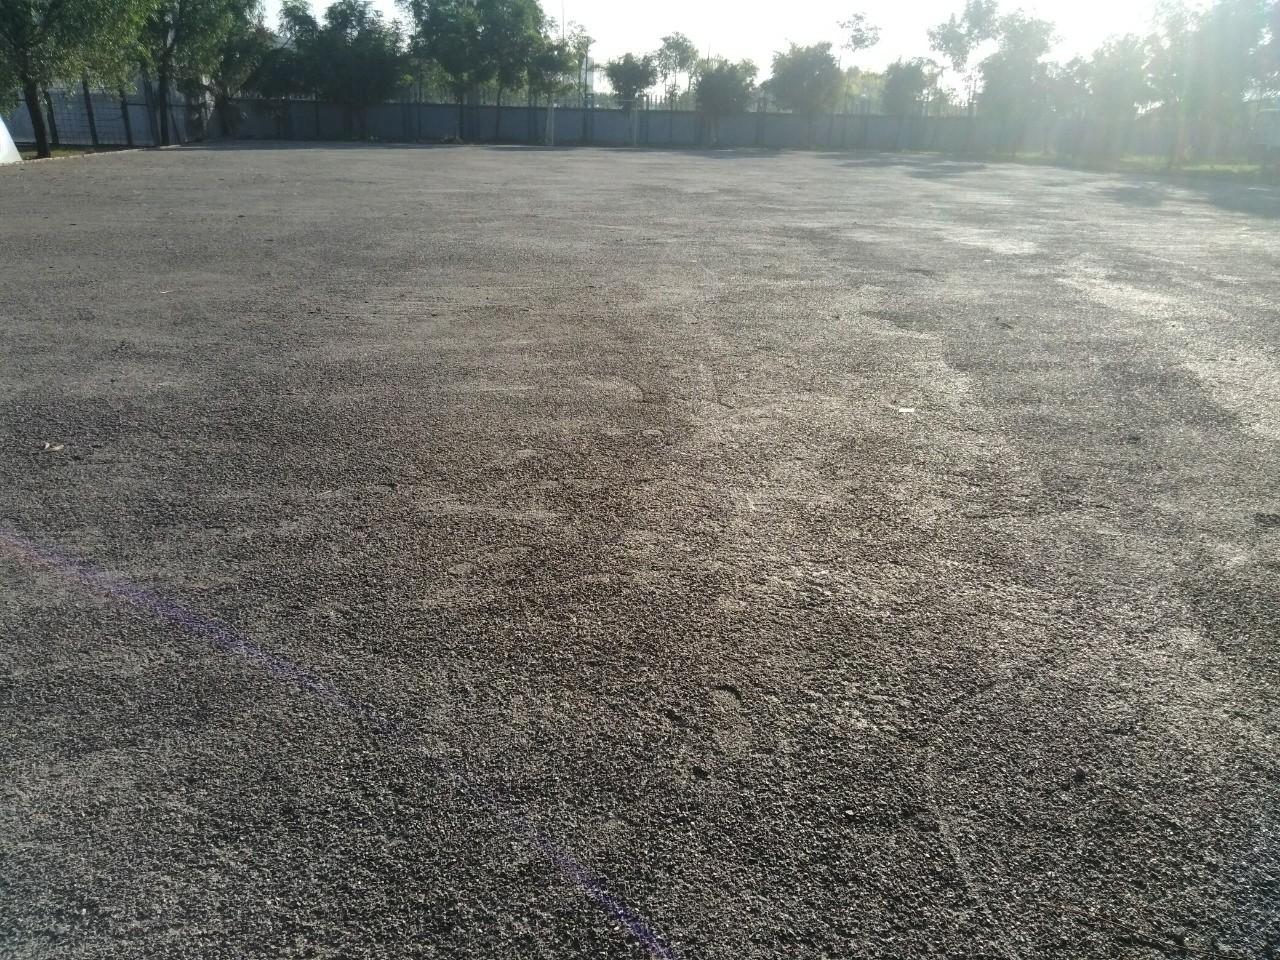 Nền sân bóng chuẩn bị trải cỏ nhân tạo